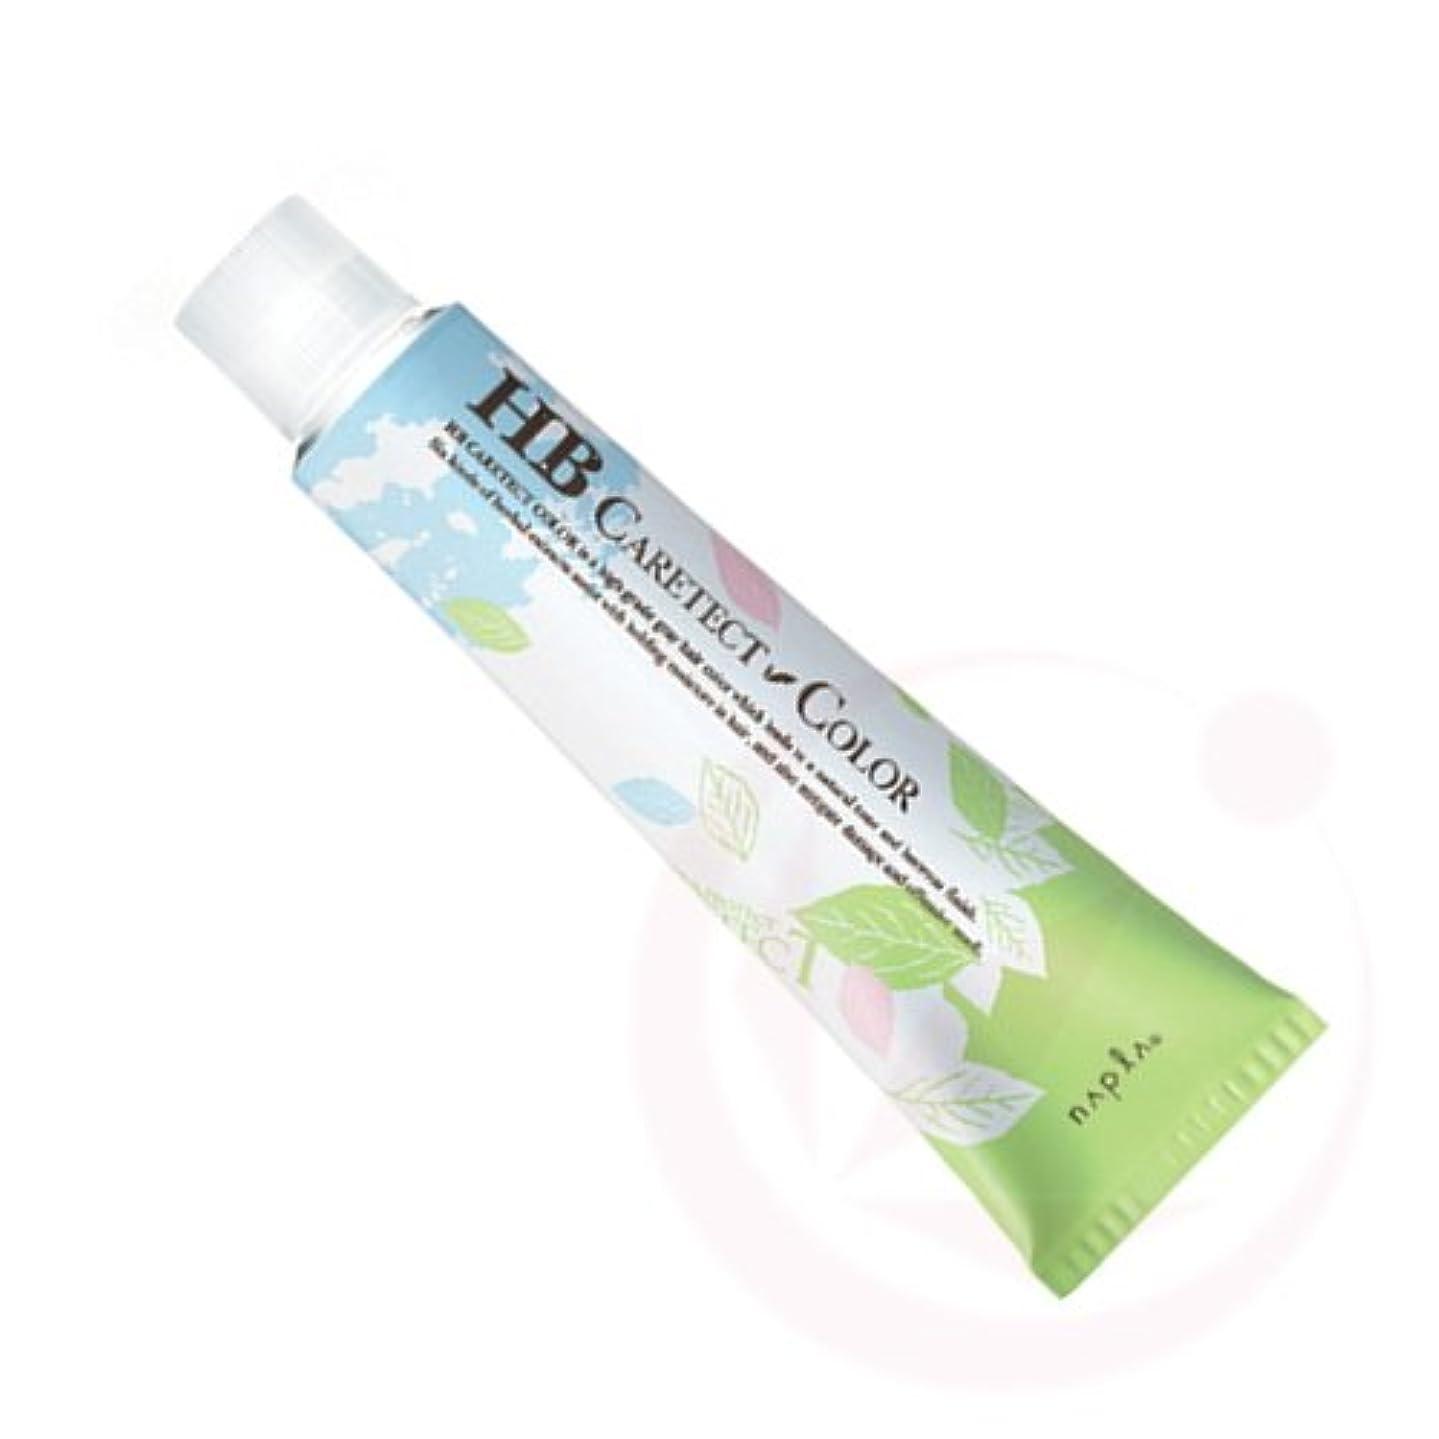 お香くしゃみ柔らかさナプラ ケアテクトHB カラー グレイファッション マットブラウン 80g(1剤) C-7MB